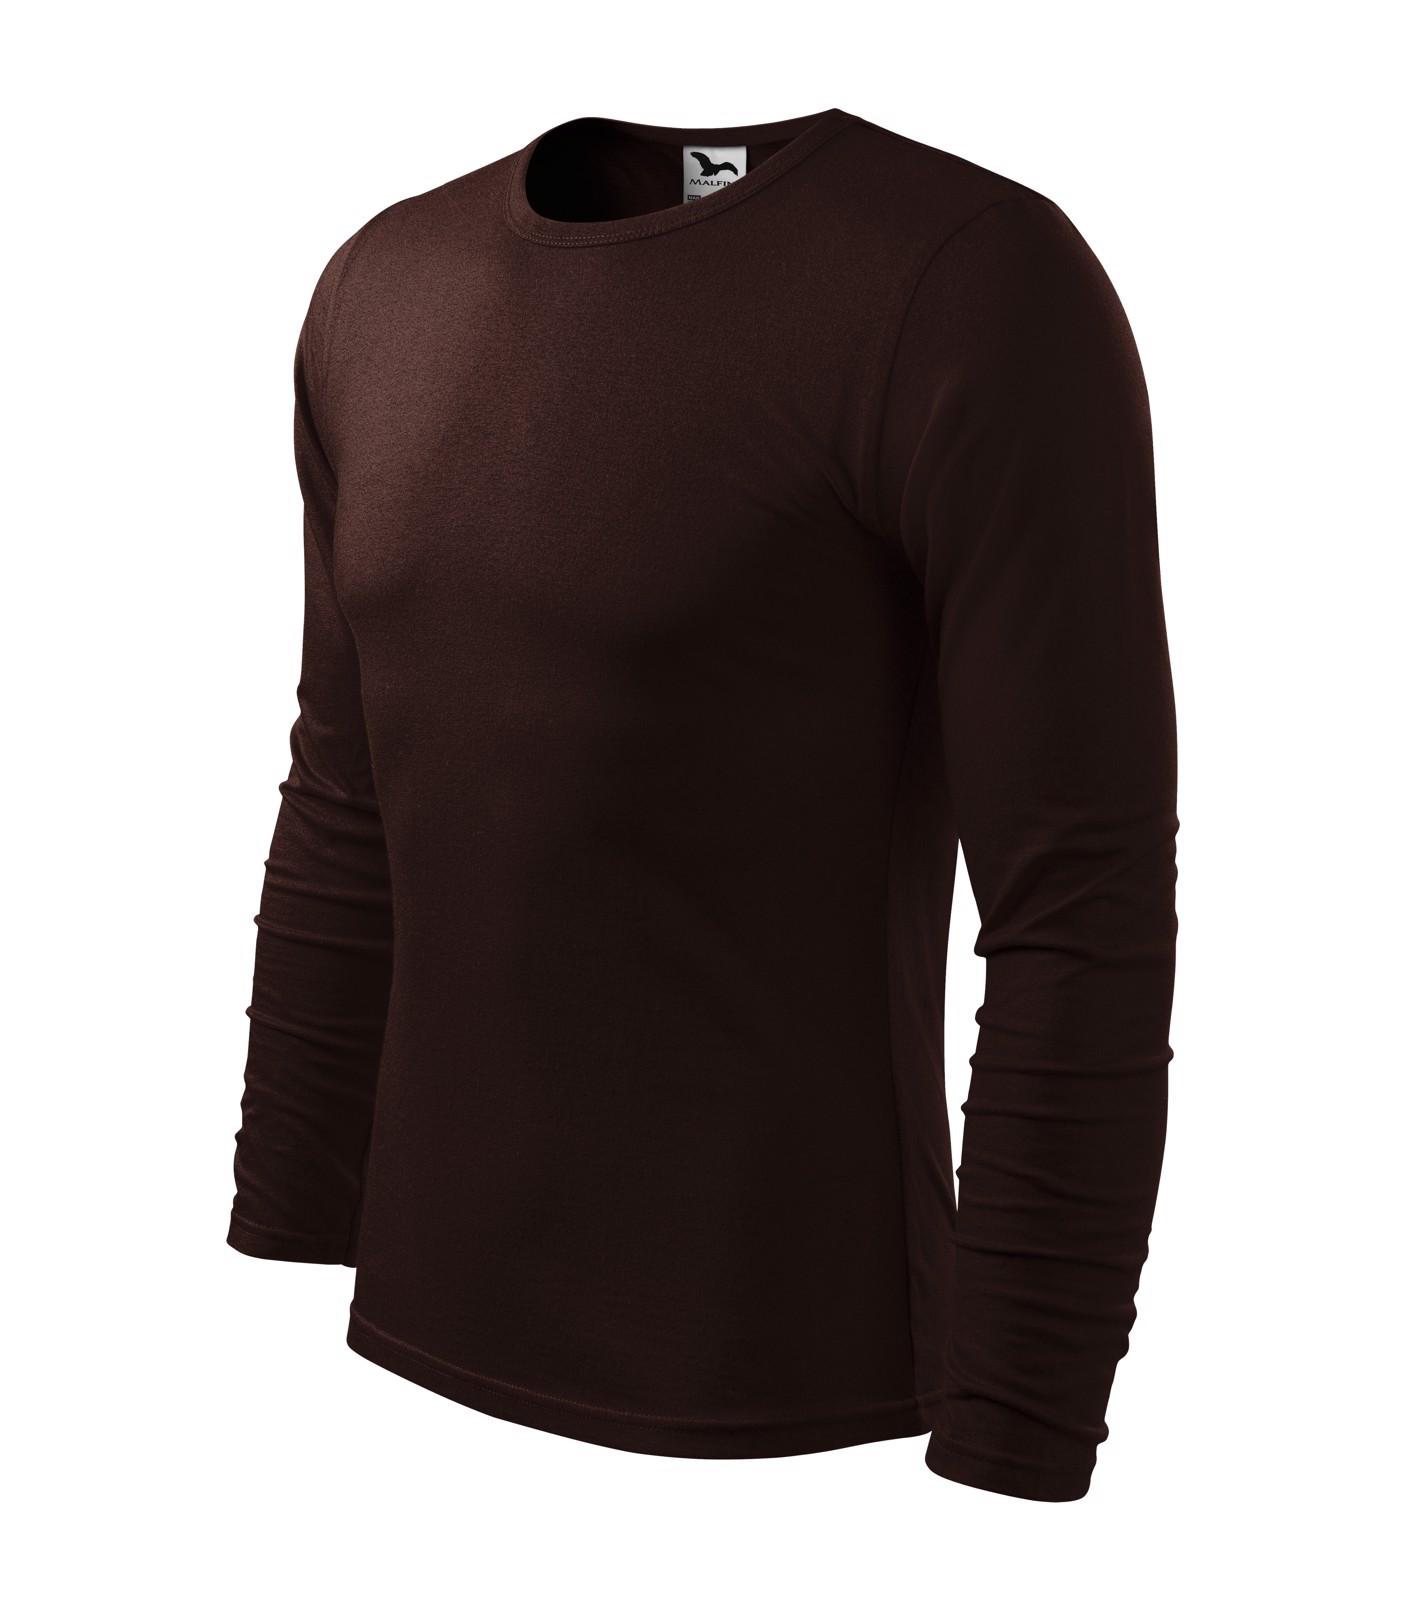 T-shirt men's Malfini Fit-T LS - Coffee / L